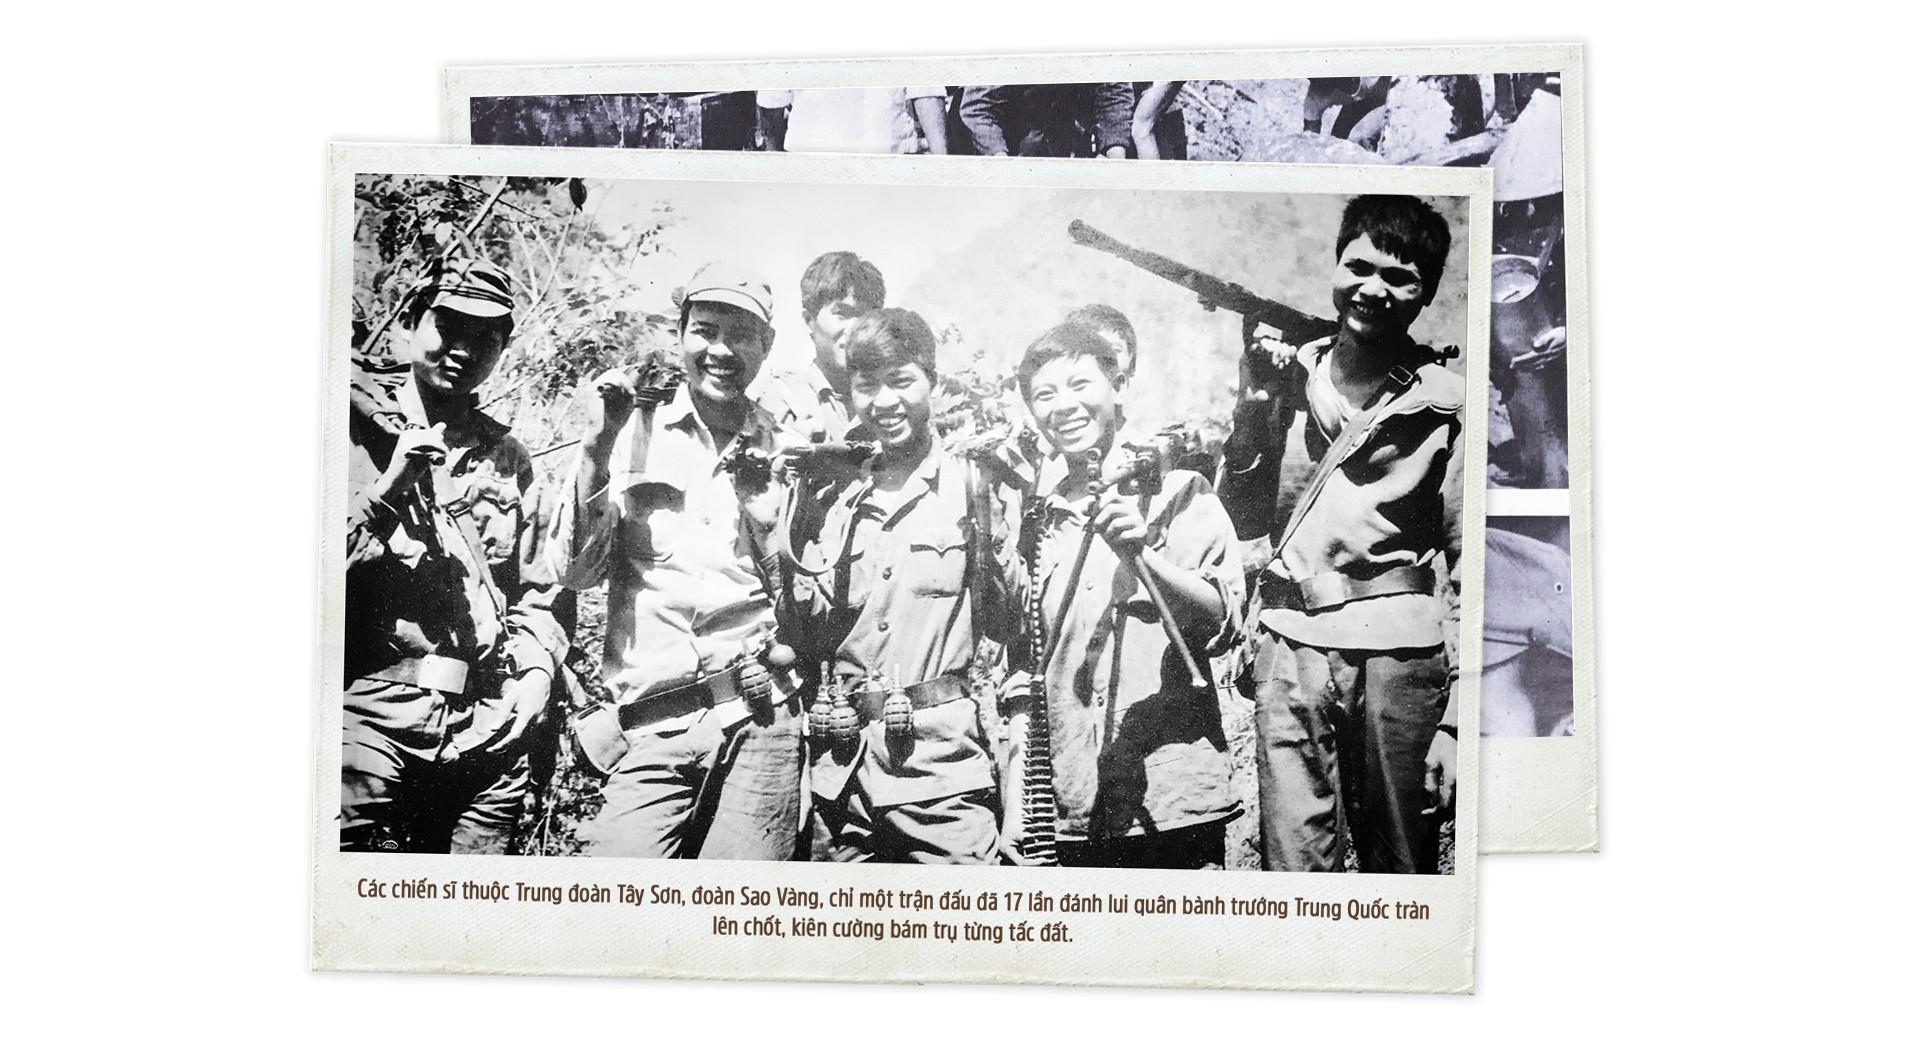 Xúc động những bức ảnh giữa chiến trường biên giới 1979 - Ảnh 7.